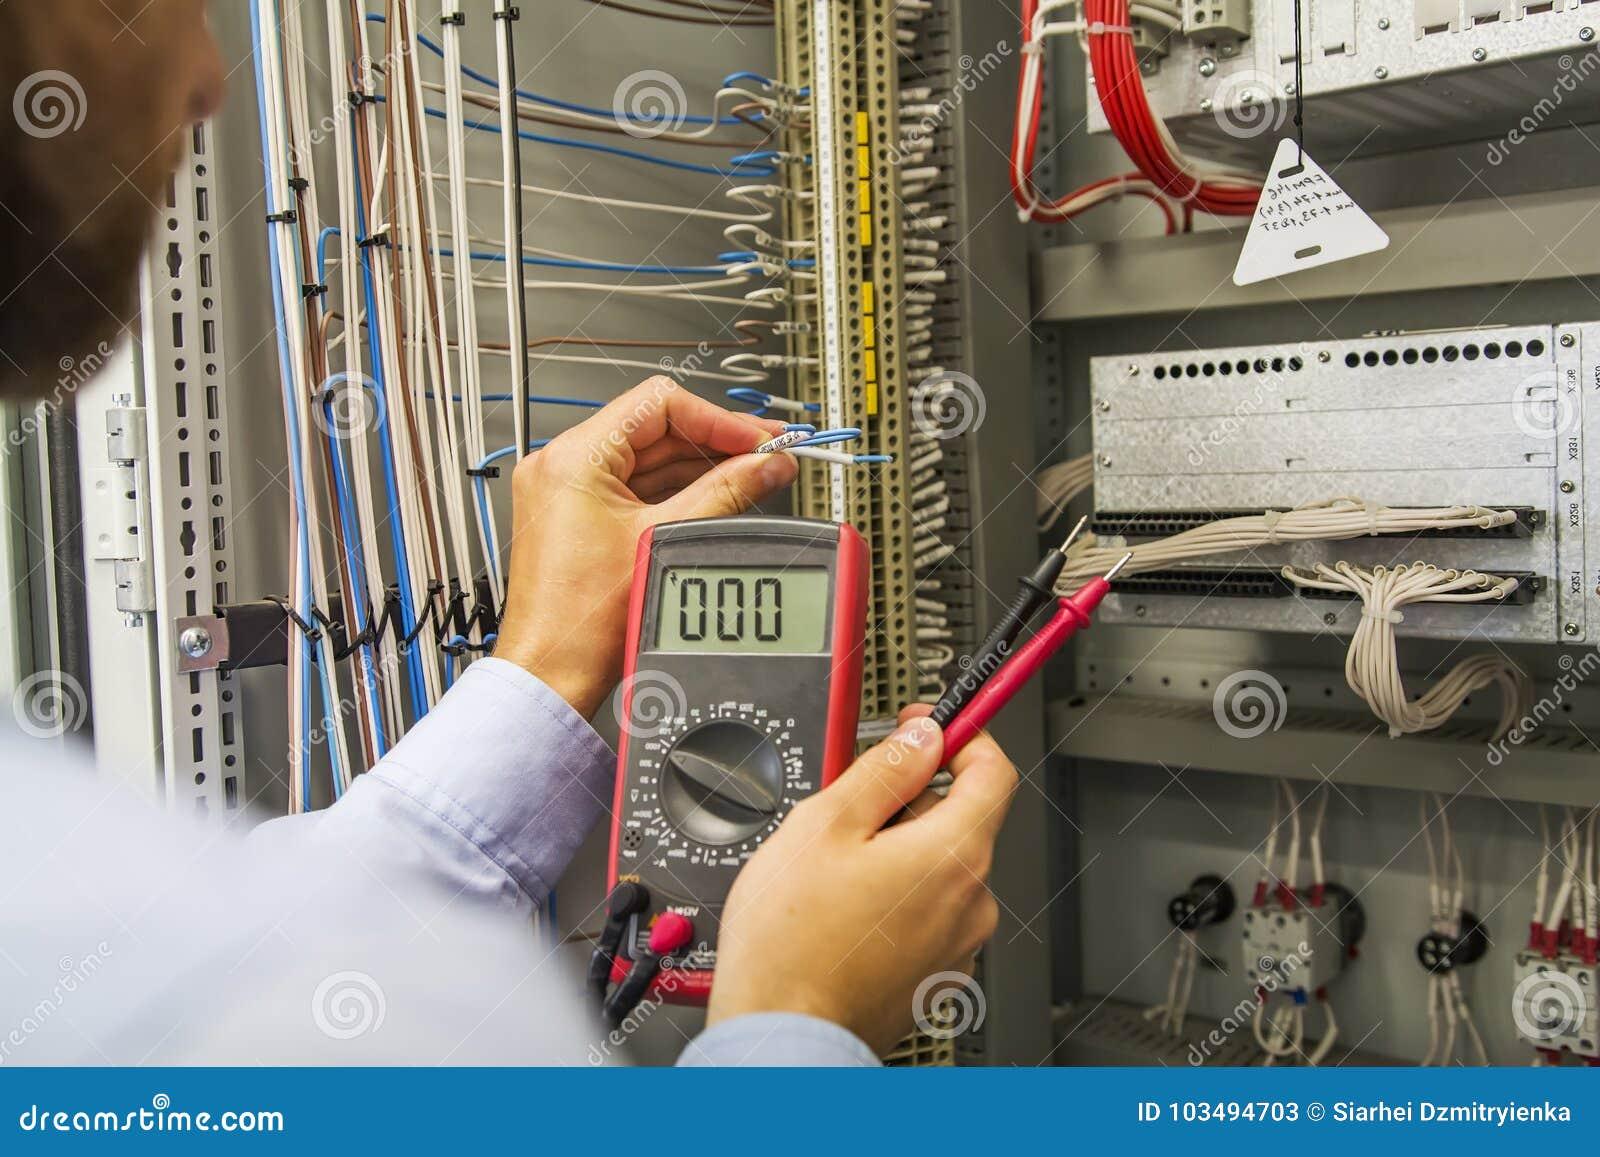 Инженер электрика с вольтамперомметром испытывает щиток управления системой электропитания оборудования автоматизации Специалист